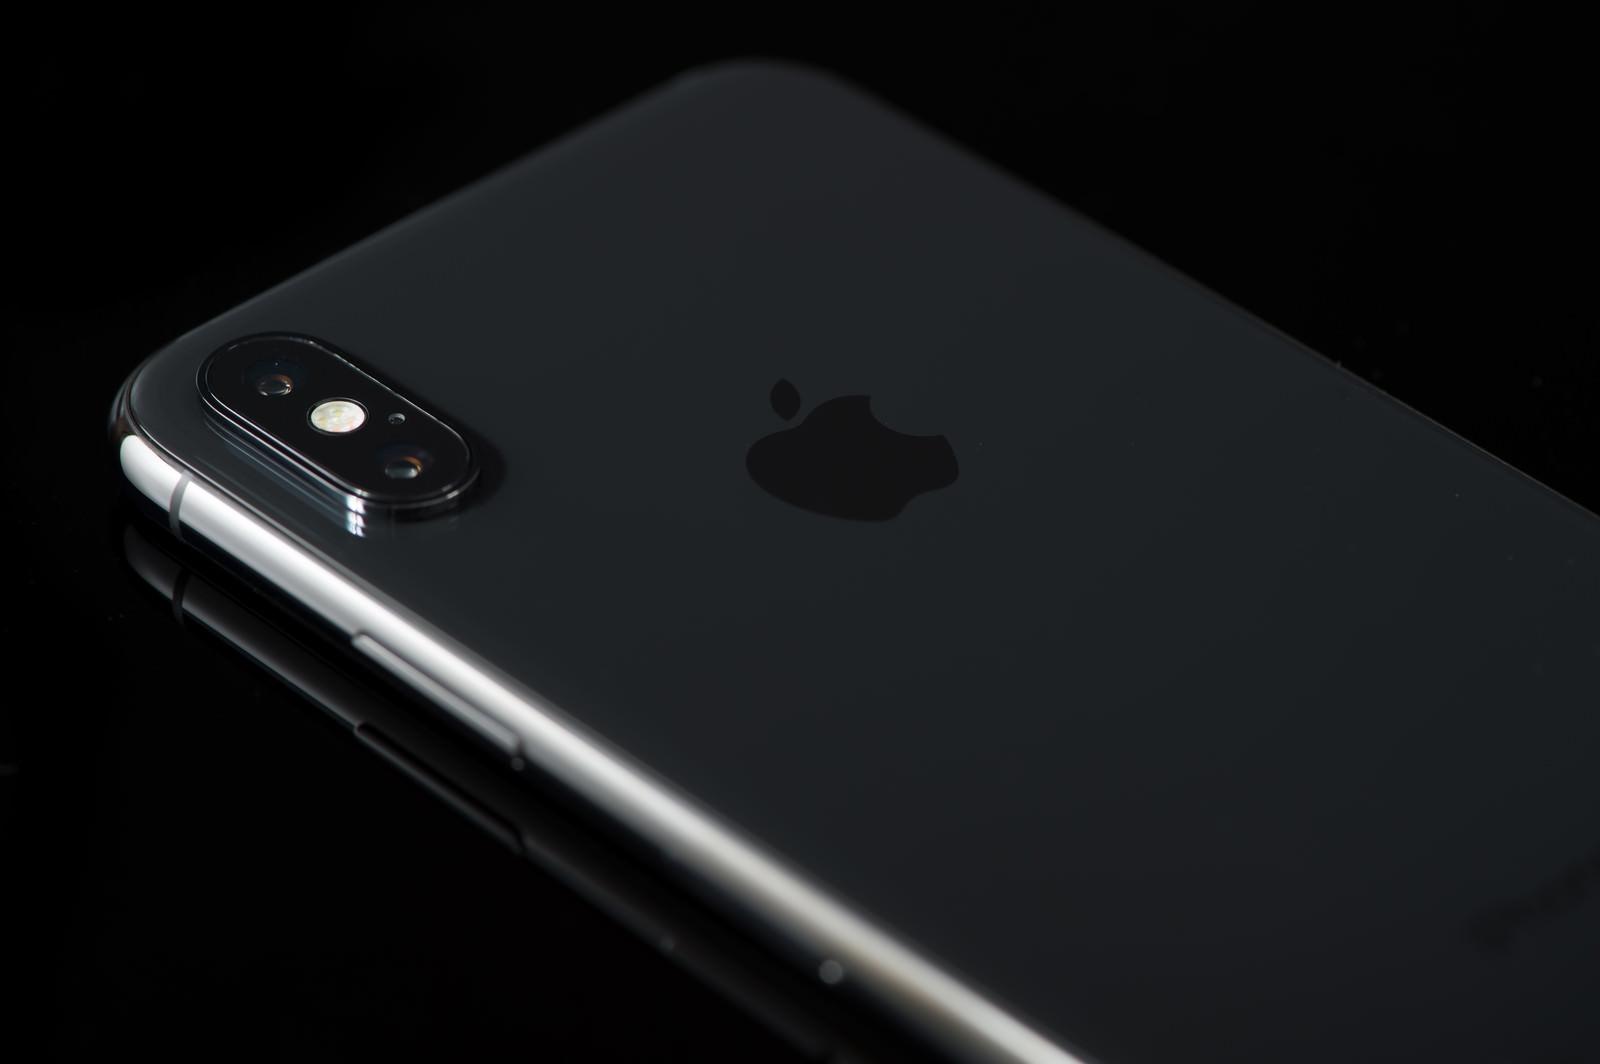 「高級感のある黒いボディ(iPhone X)高級感のある黒いボディ(iPhone X)」のフリー写真素材を拡大